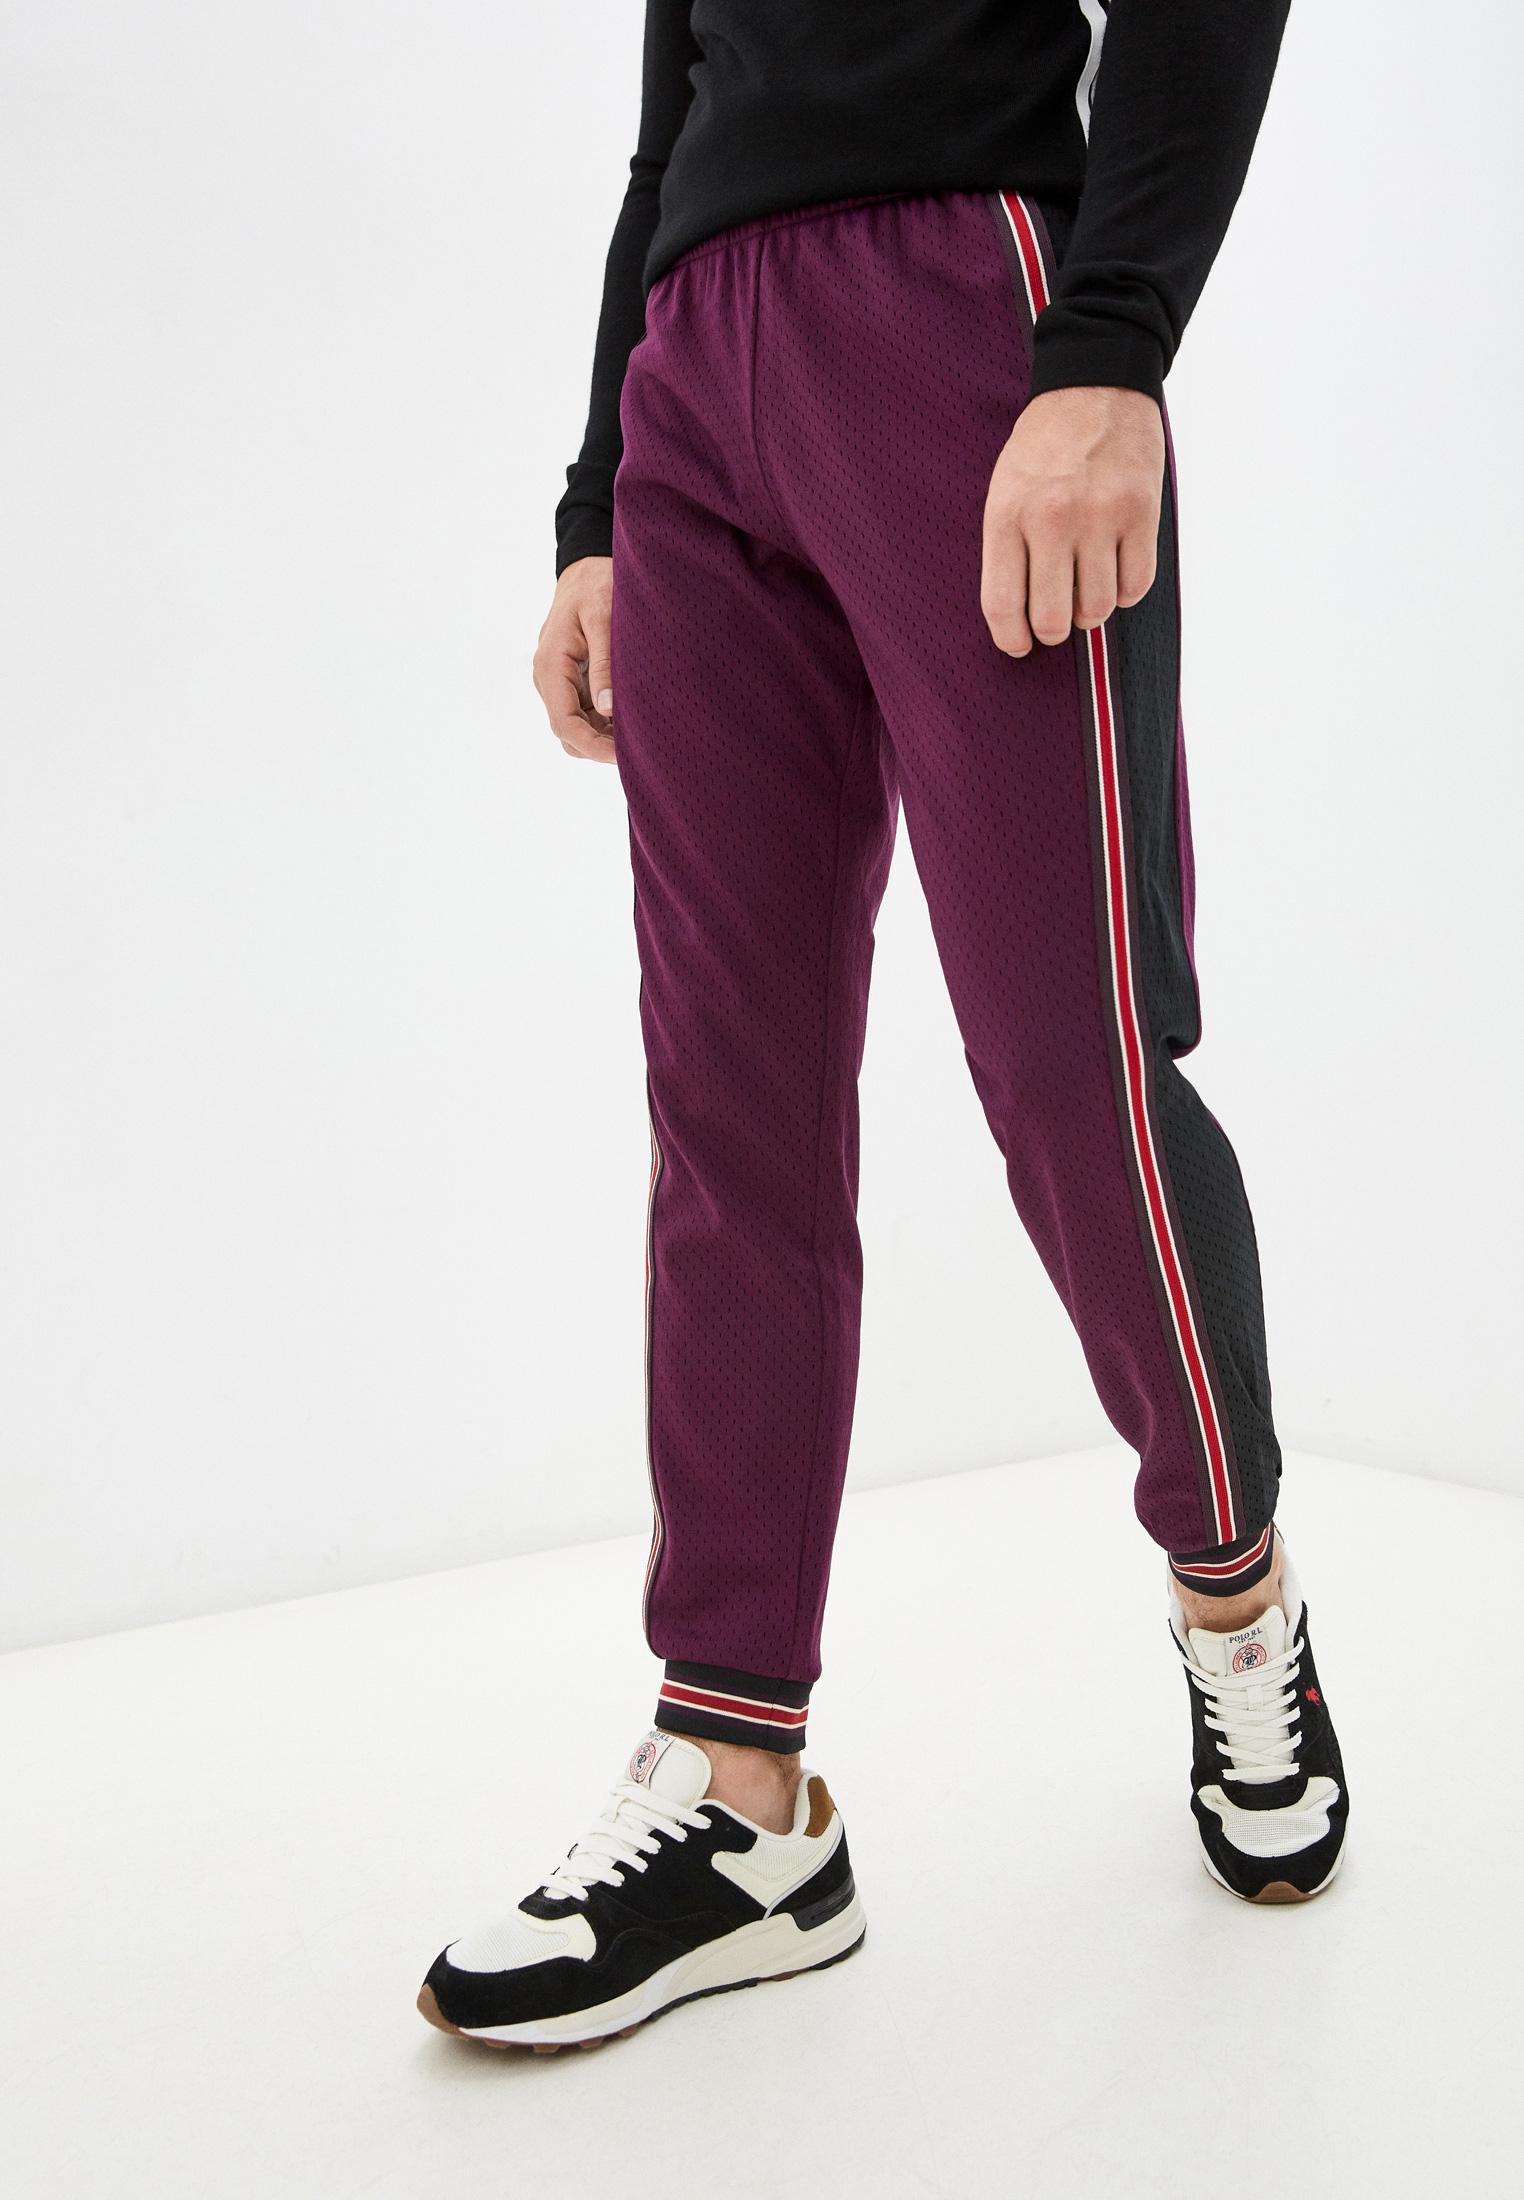 Мужские спортивные брюки Bikkembergs (Биккембергс) C 1 157 00 M 4224: изображение 1